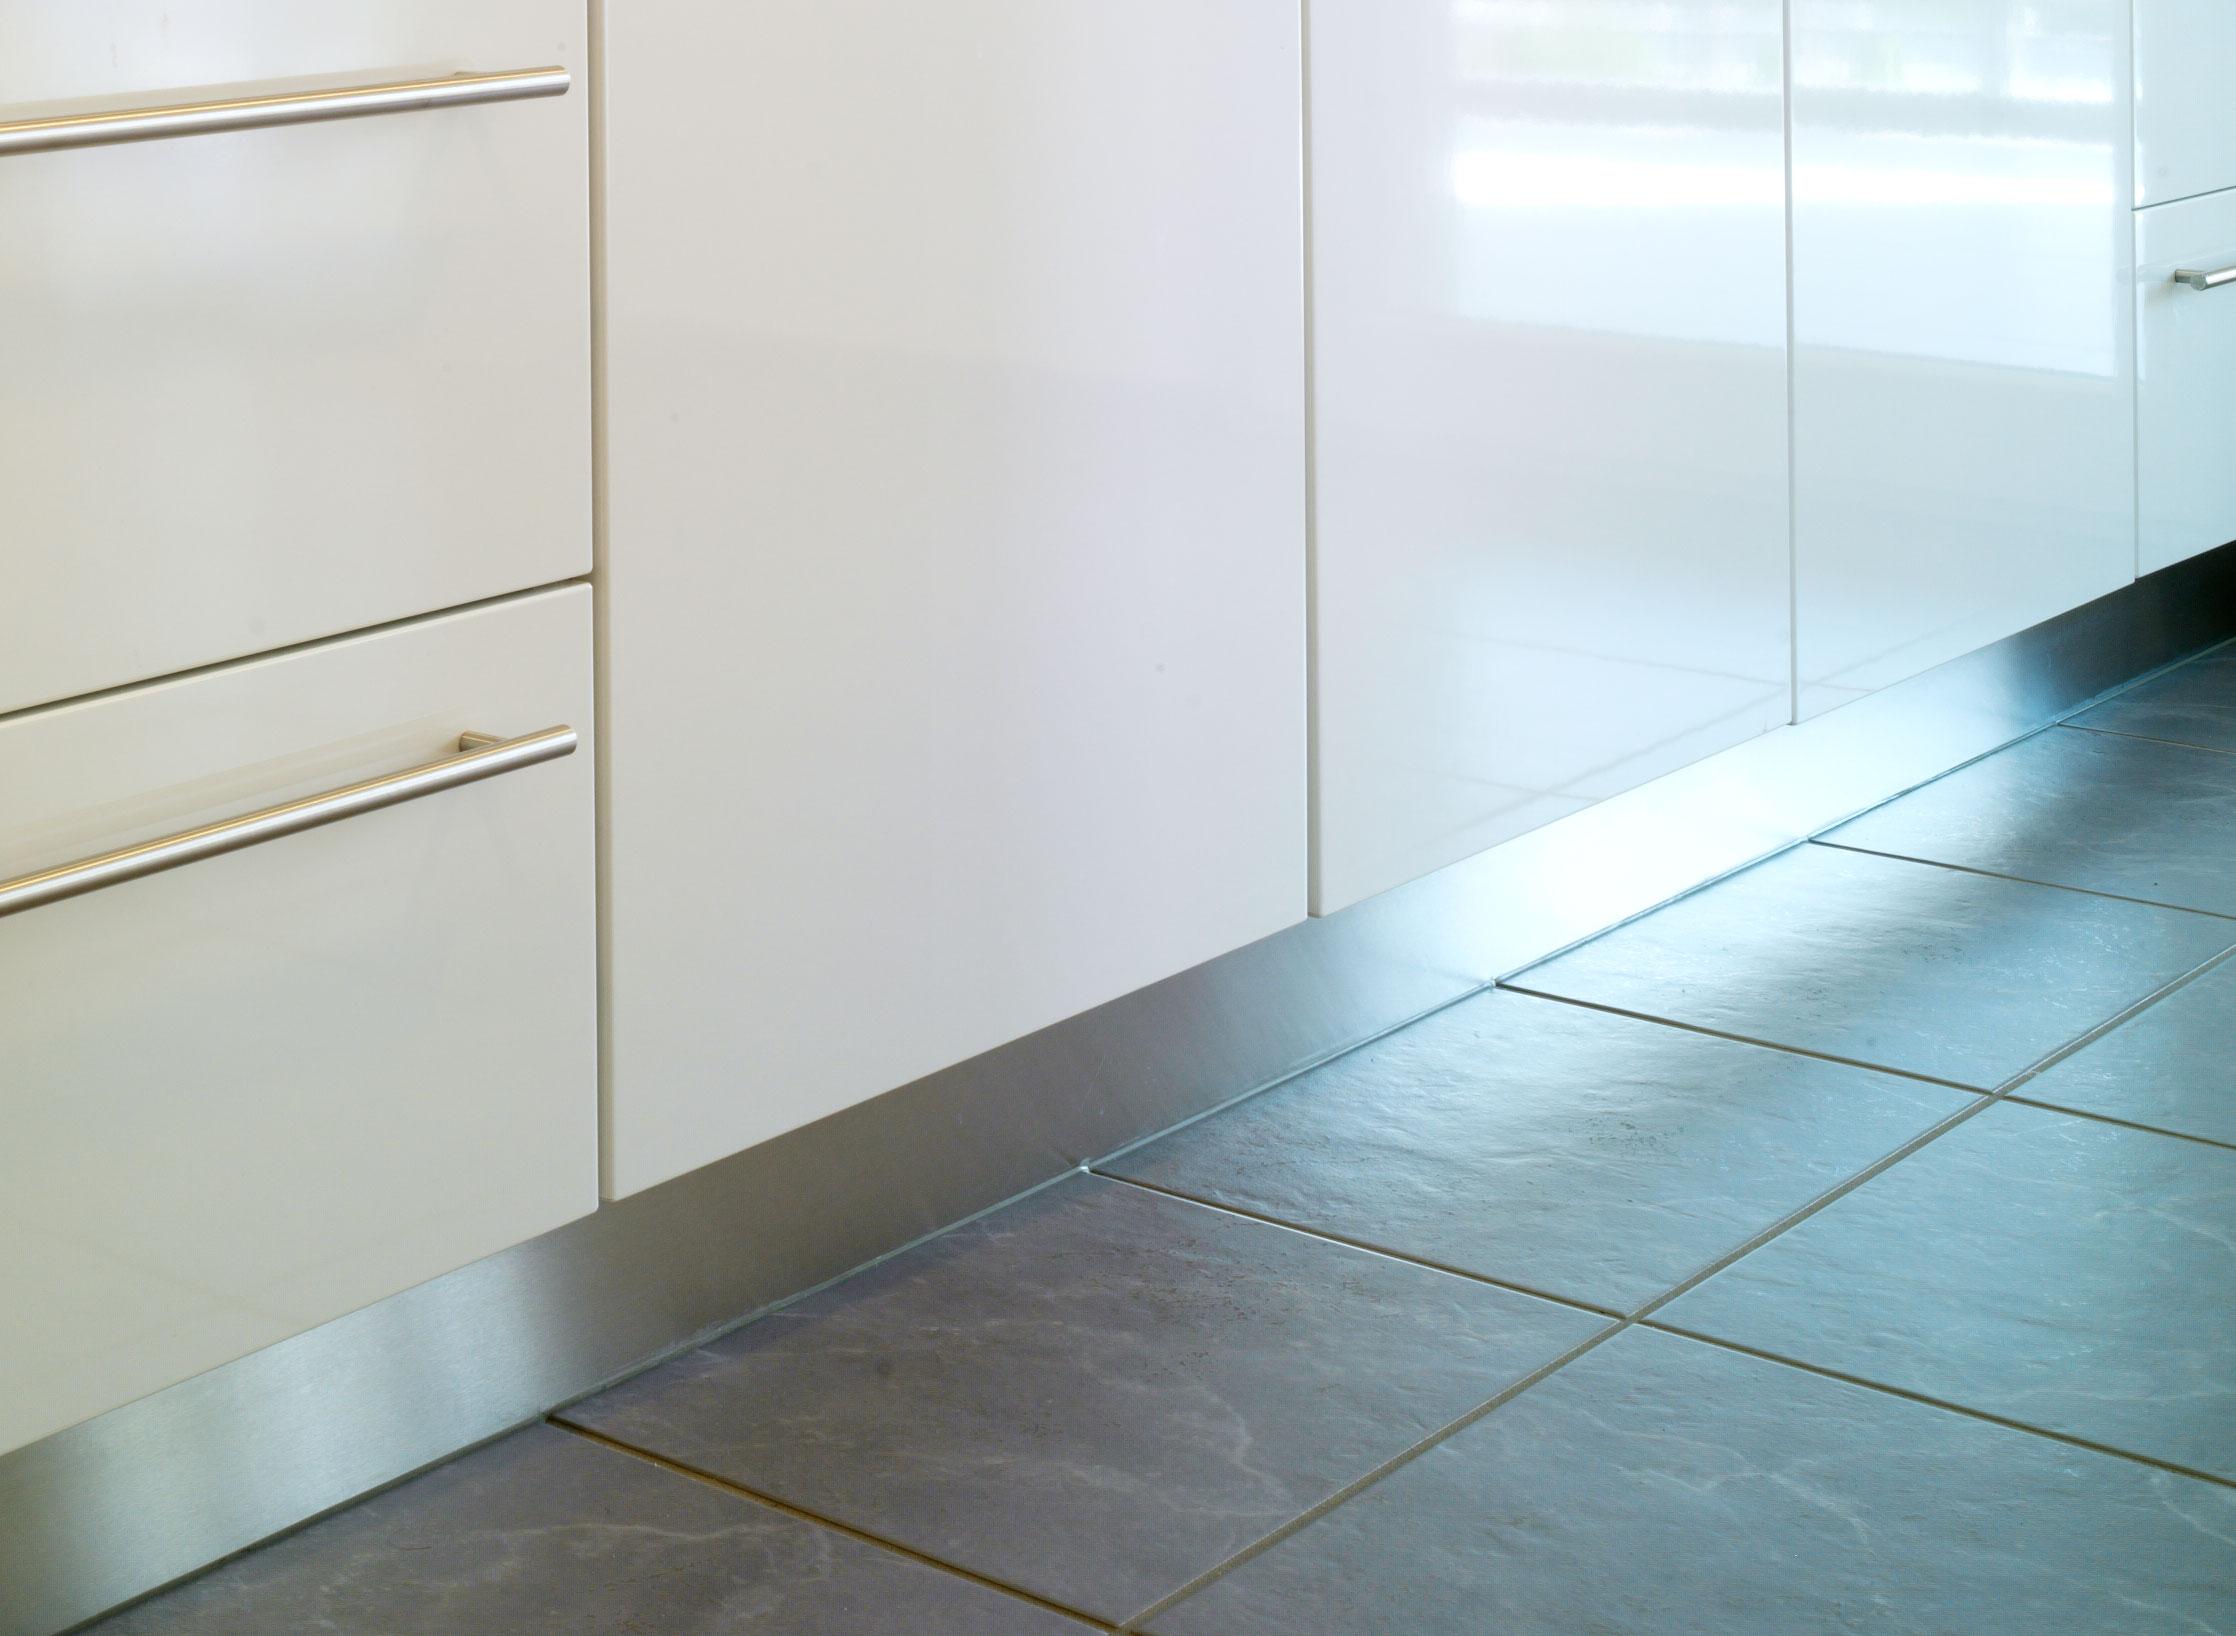 Full Size of Sockelleiste Kuche Anbringen Zuhause Bodenfliesen Küche Einzelschränke Fliesenspiegel Glas Bank Jalousieschrank Selbst Zusammenstellen Einbauküche Kaufen Wohnzimmer Nolte Küche Blende Entfernen